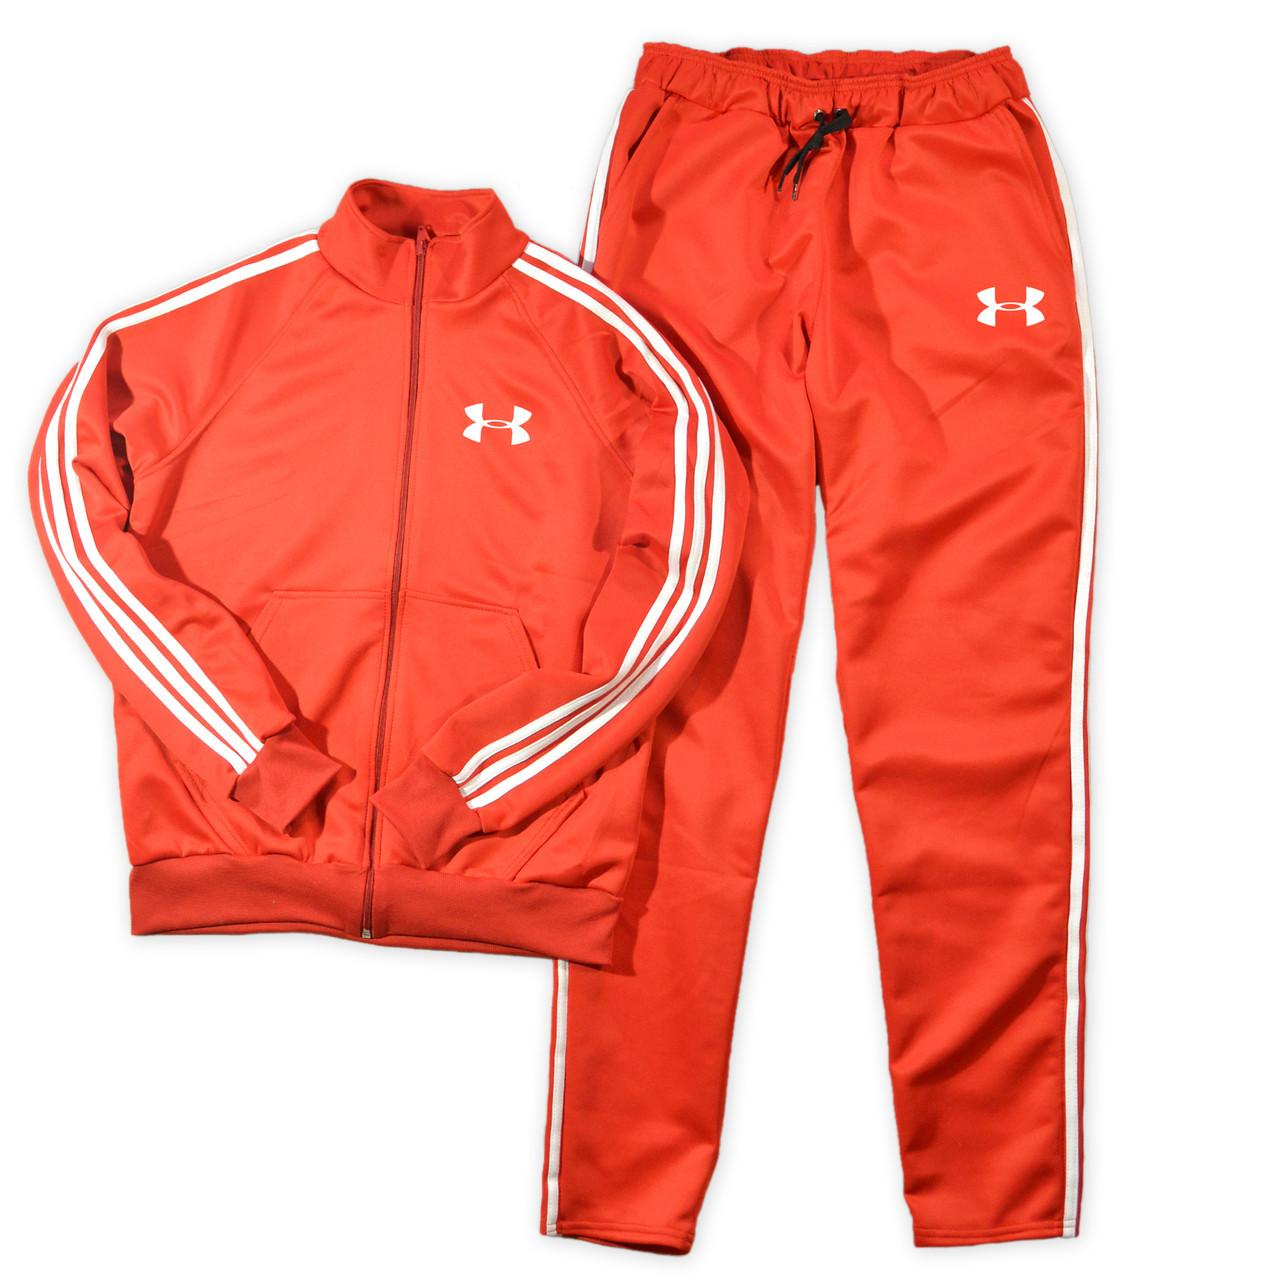 Спортивный костюм Under Armour для тренировок (Андер Армор)